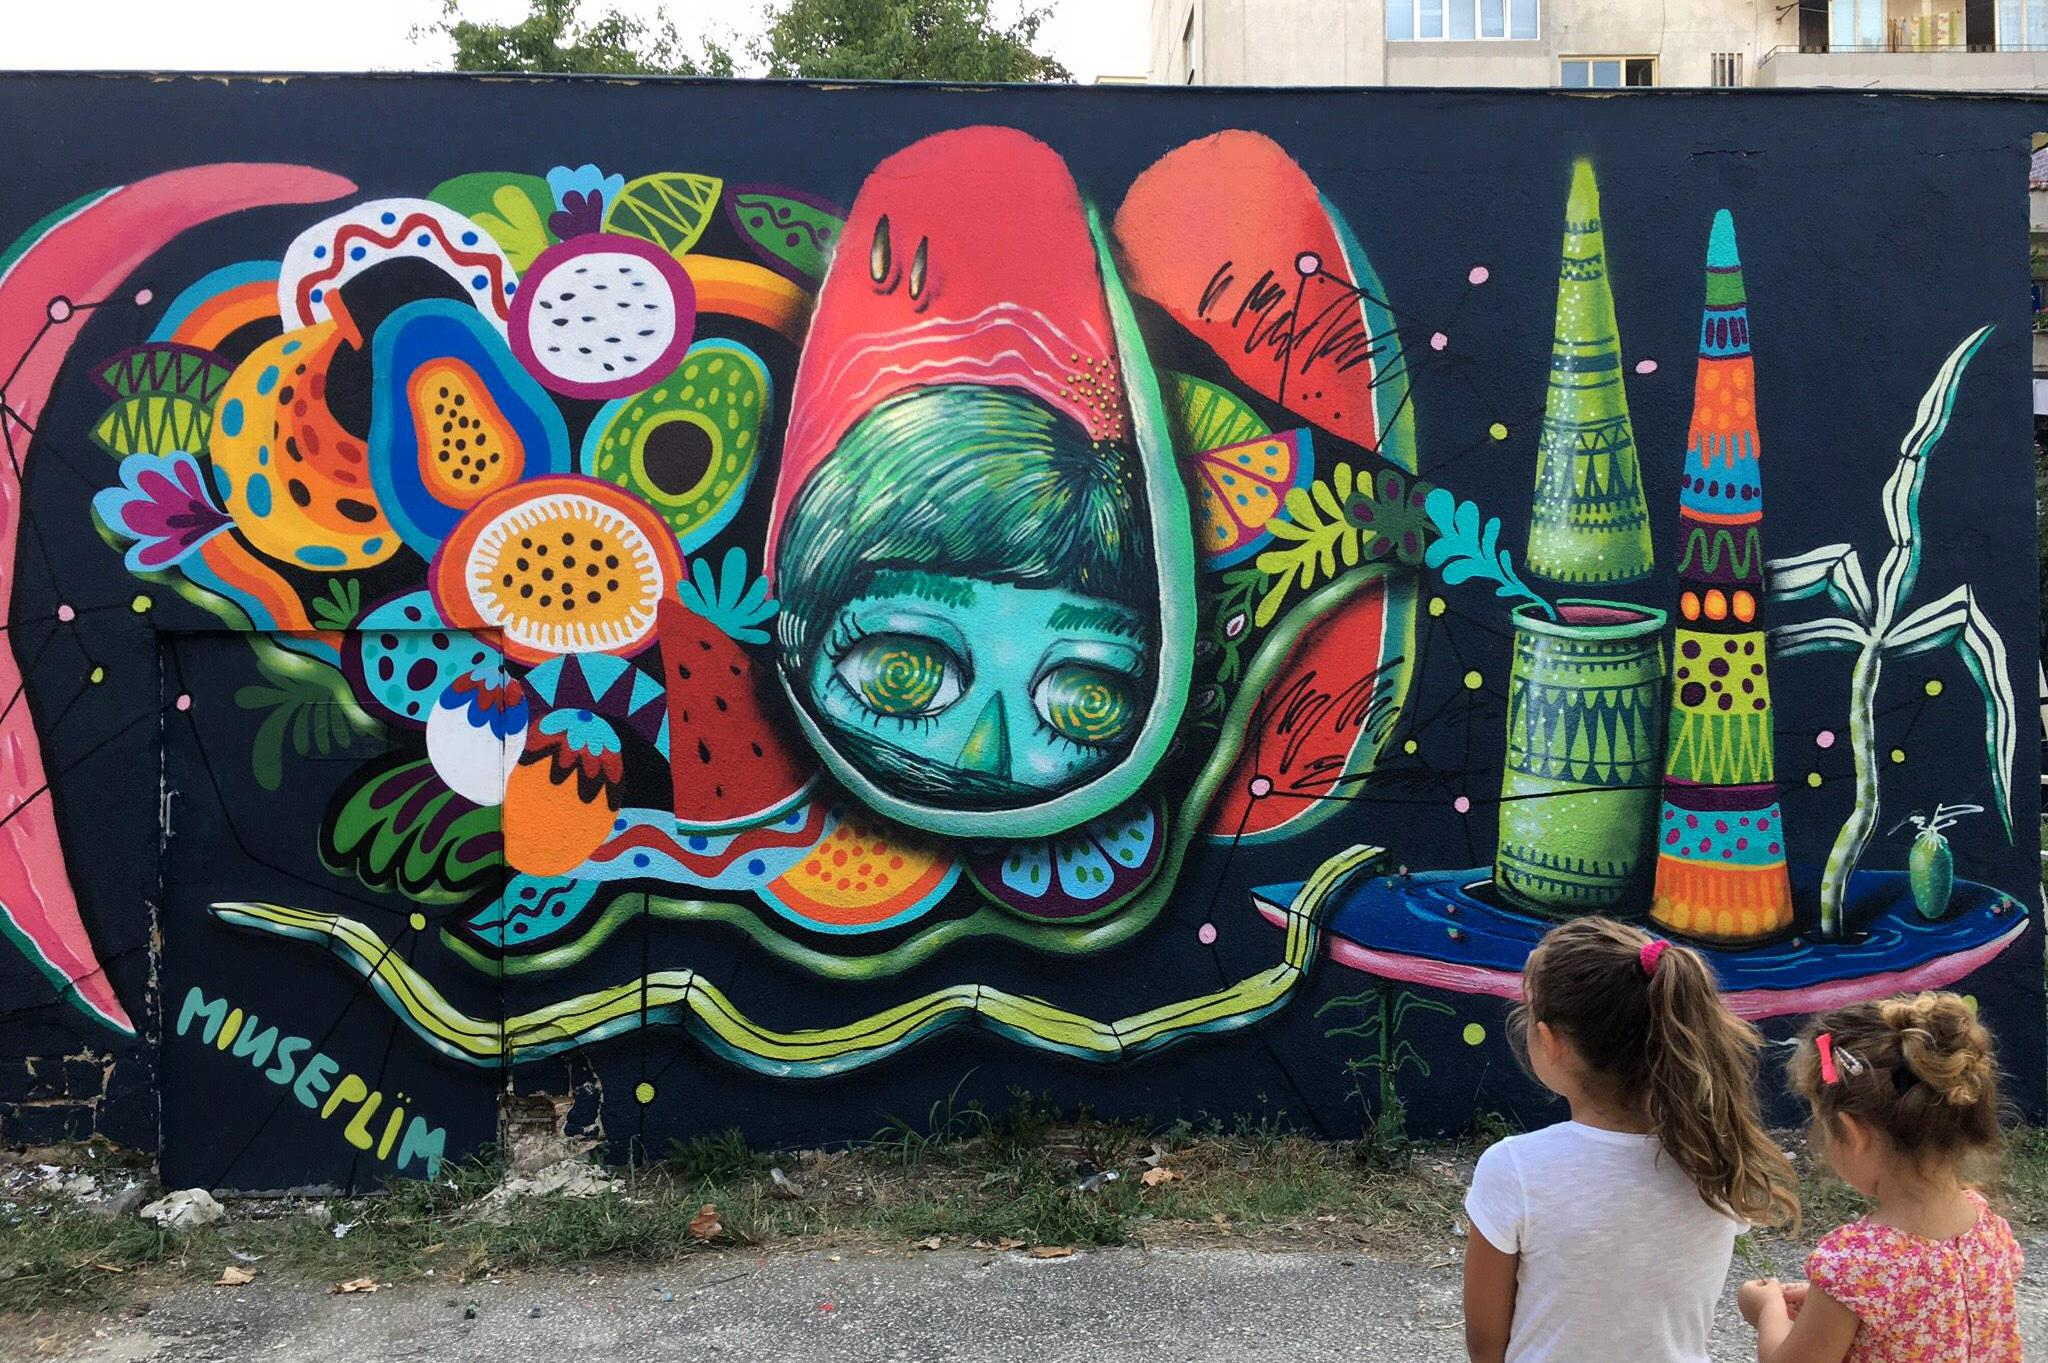 Sofia Graffiti Tour с интересни графити и истории излезе от границите на Со